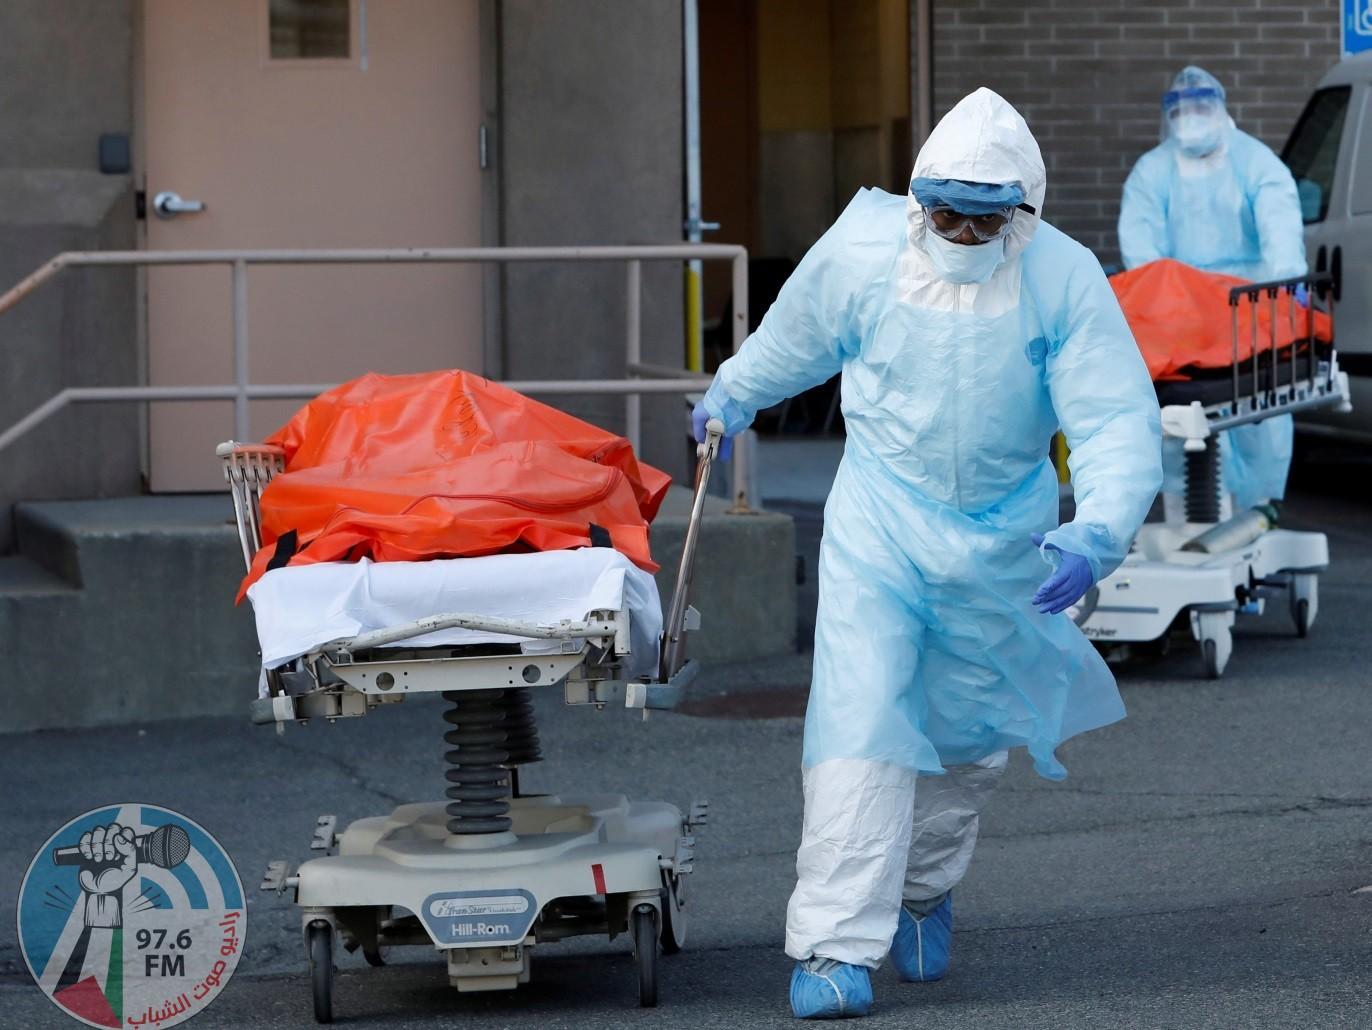 4 ملايين و674 ألف وفاة و227 مليونا و314 ألف إصابة بكورونا في العالم